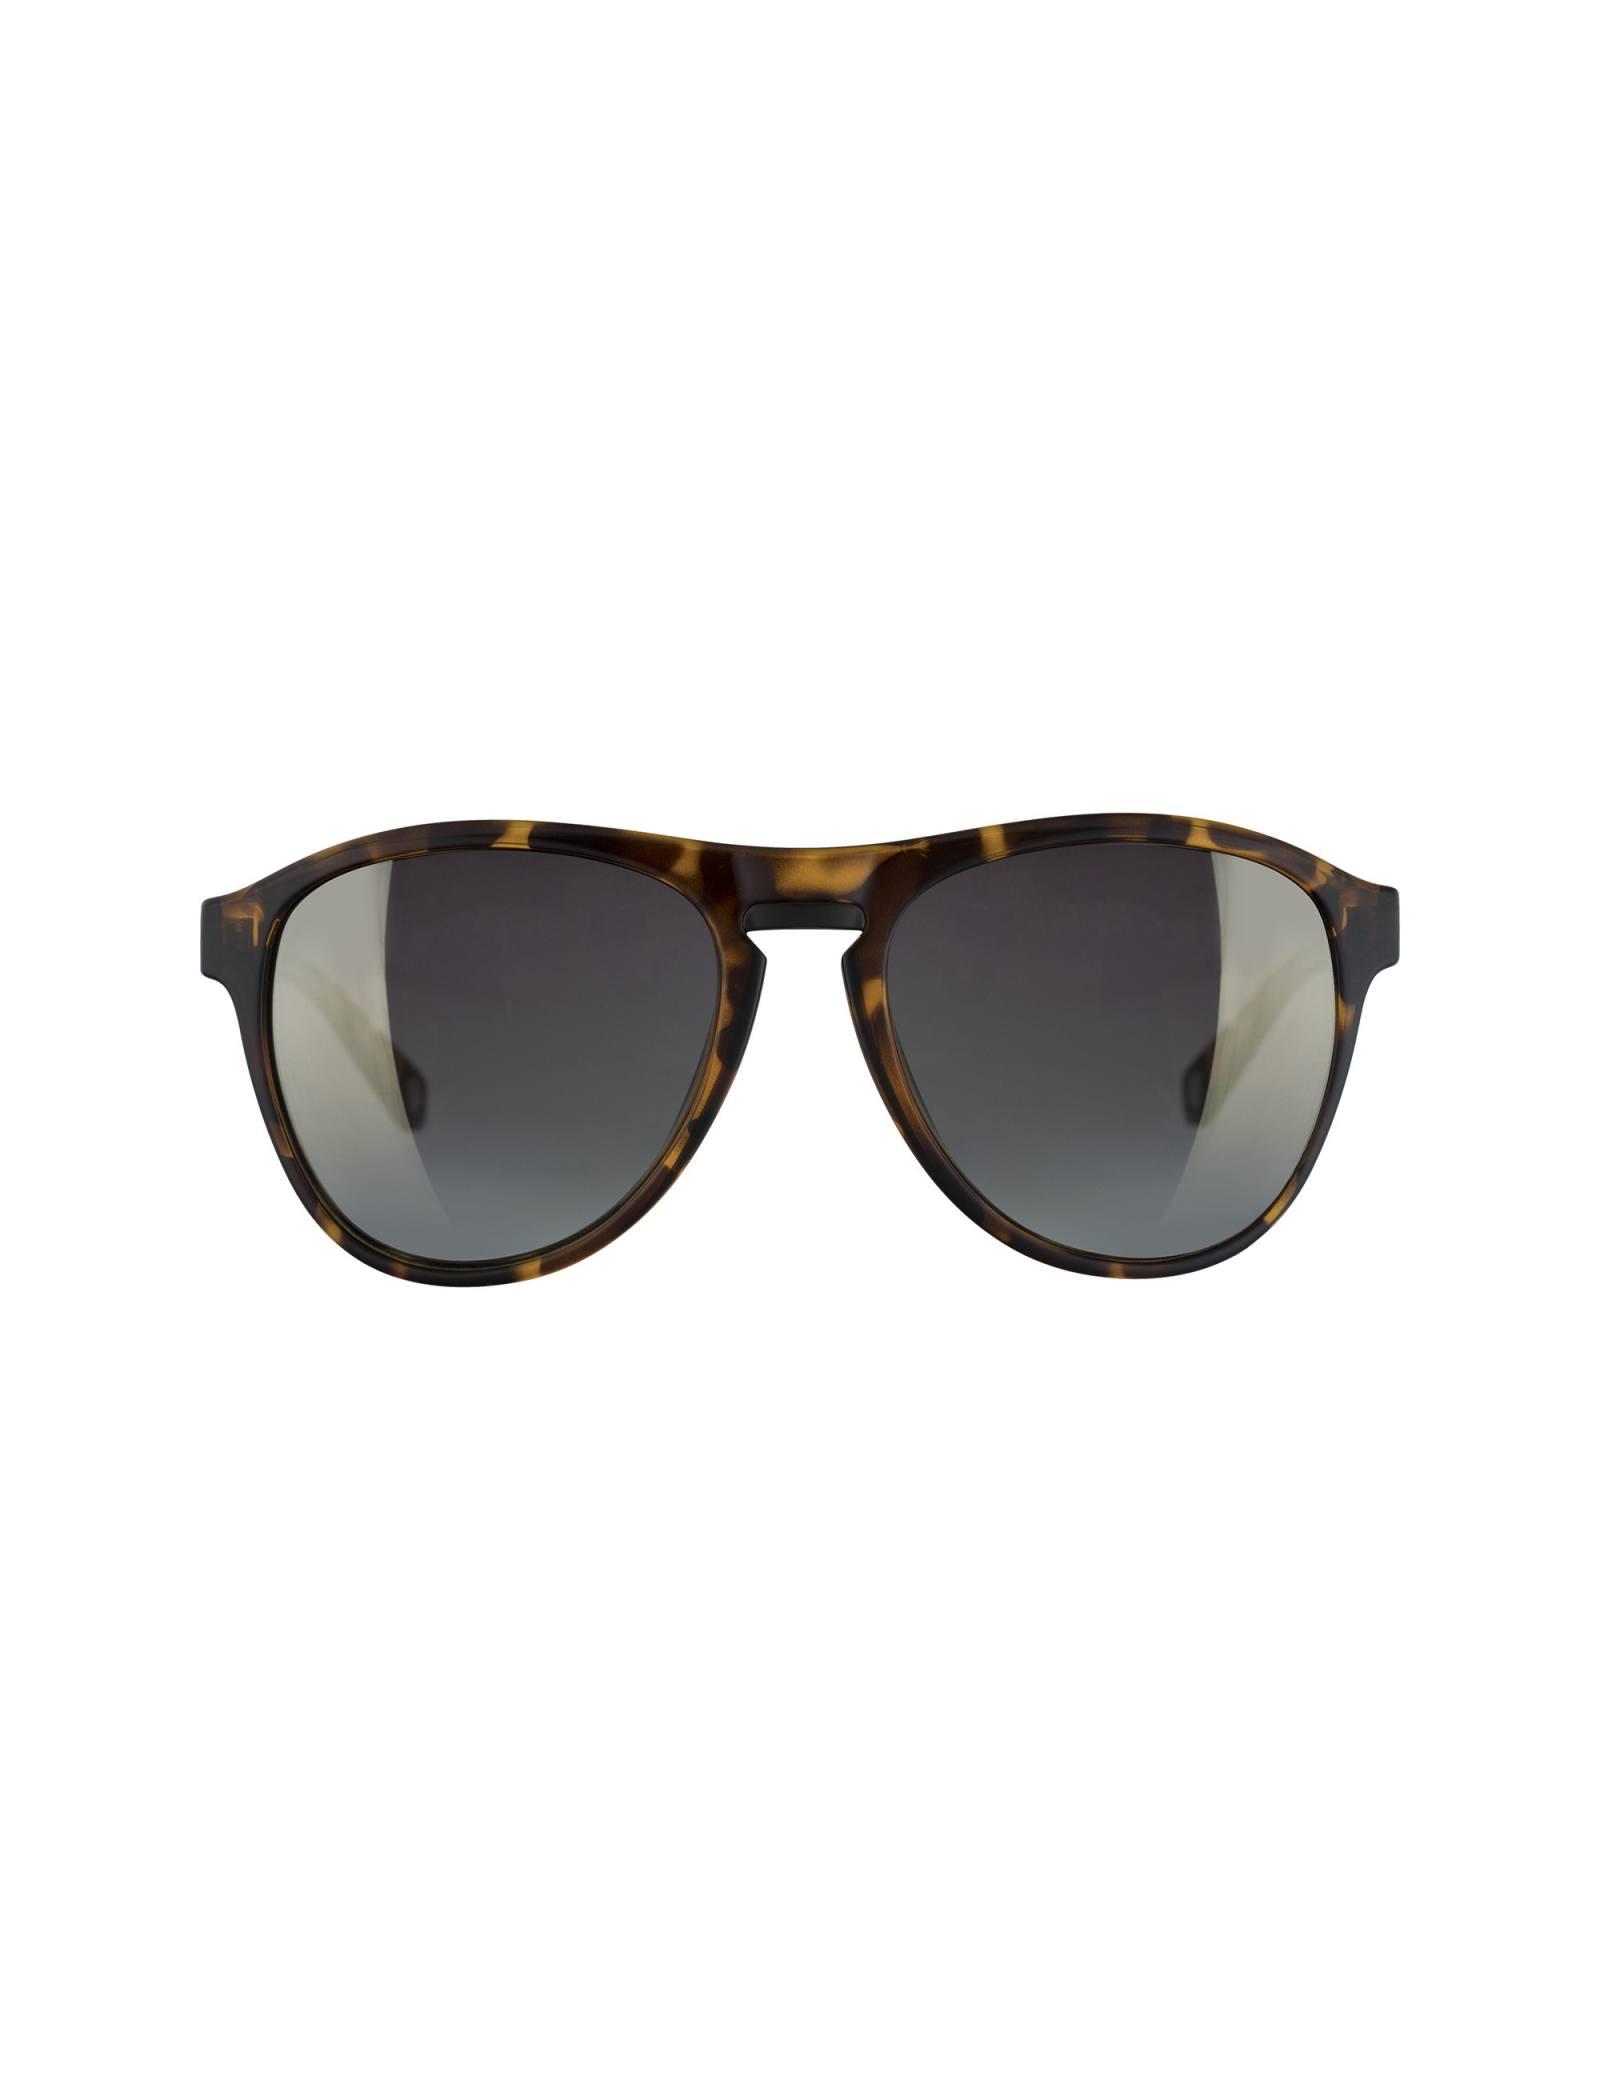 عینک آفتابی خلبانی زنانه - تد بیکر - قهوه اي لاک پشتي - 2